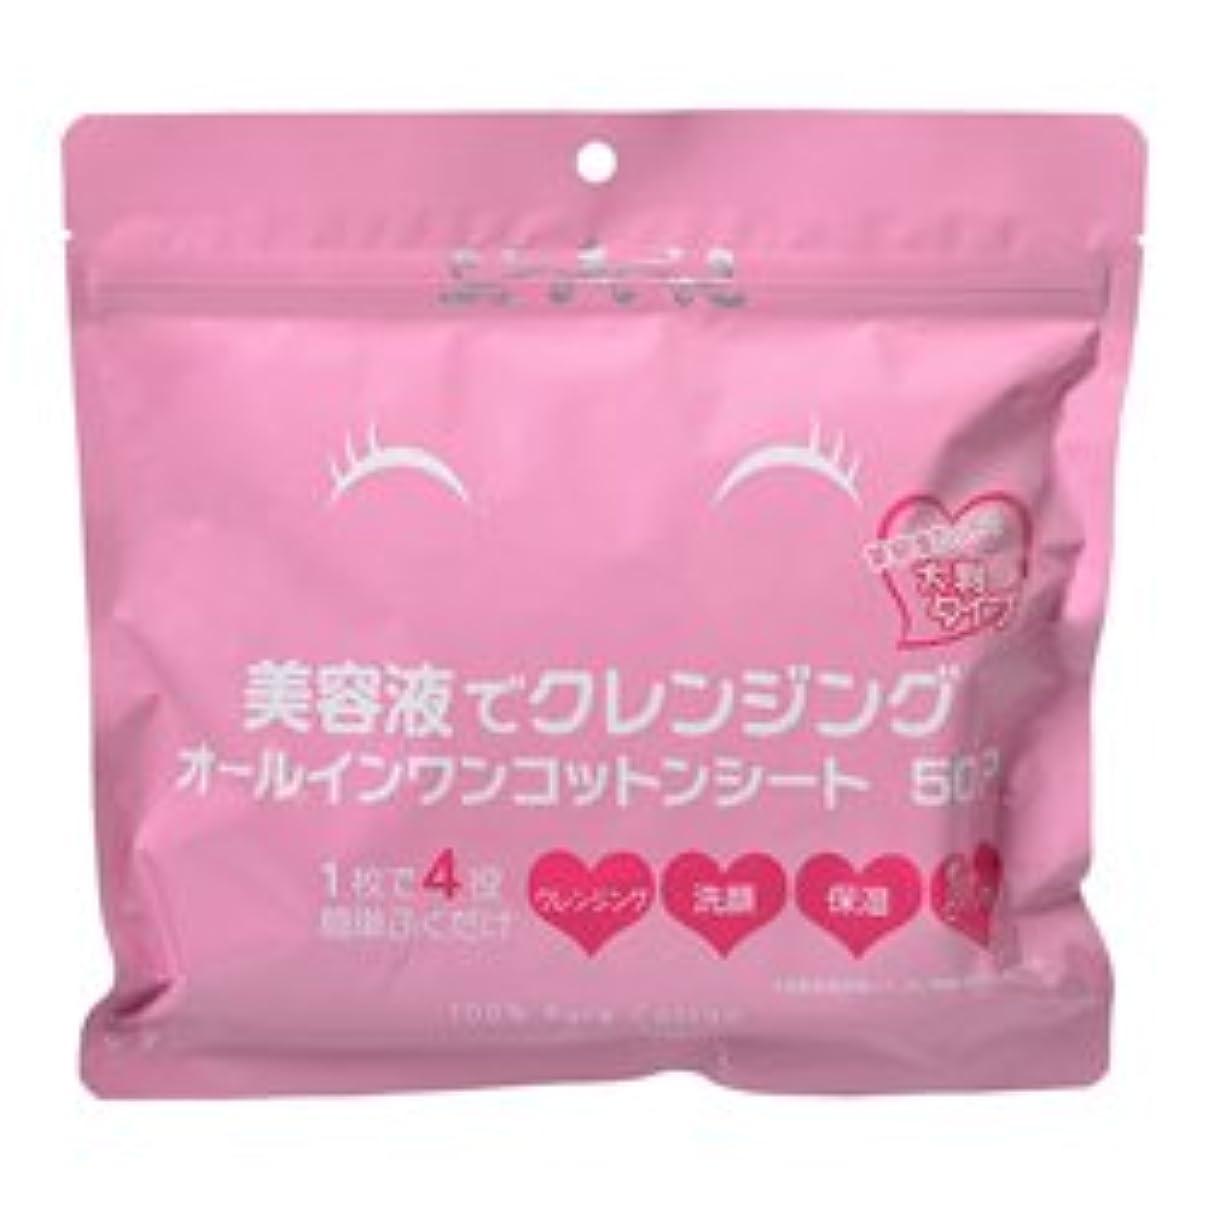 連鎖マニフェスト黄ばむ【Stay Free】美容液でクレンジング オールインシート 50枚 ×20個セット